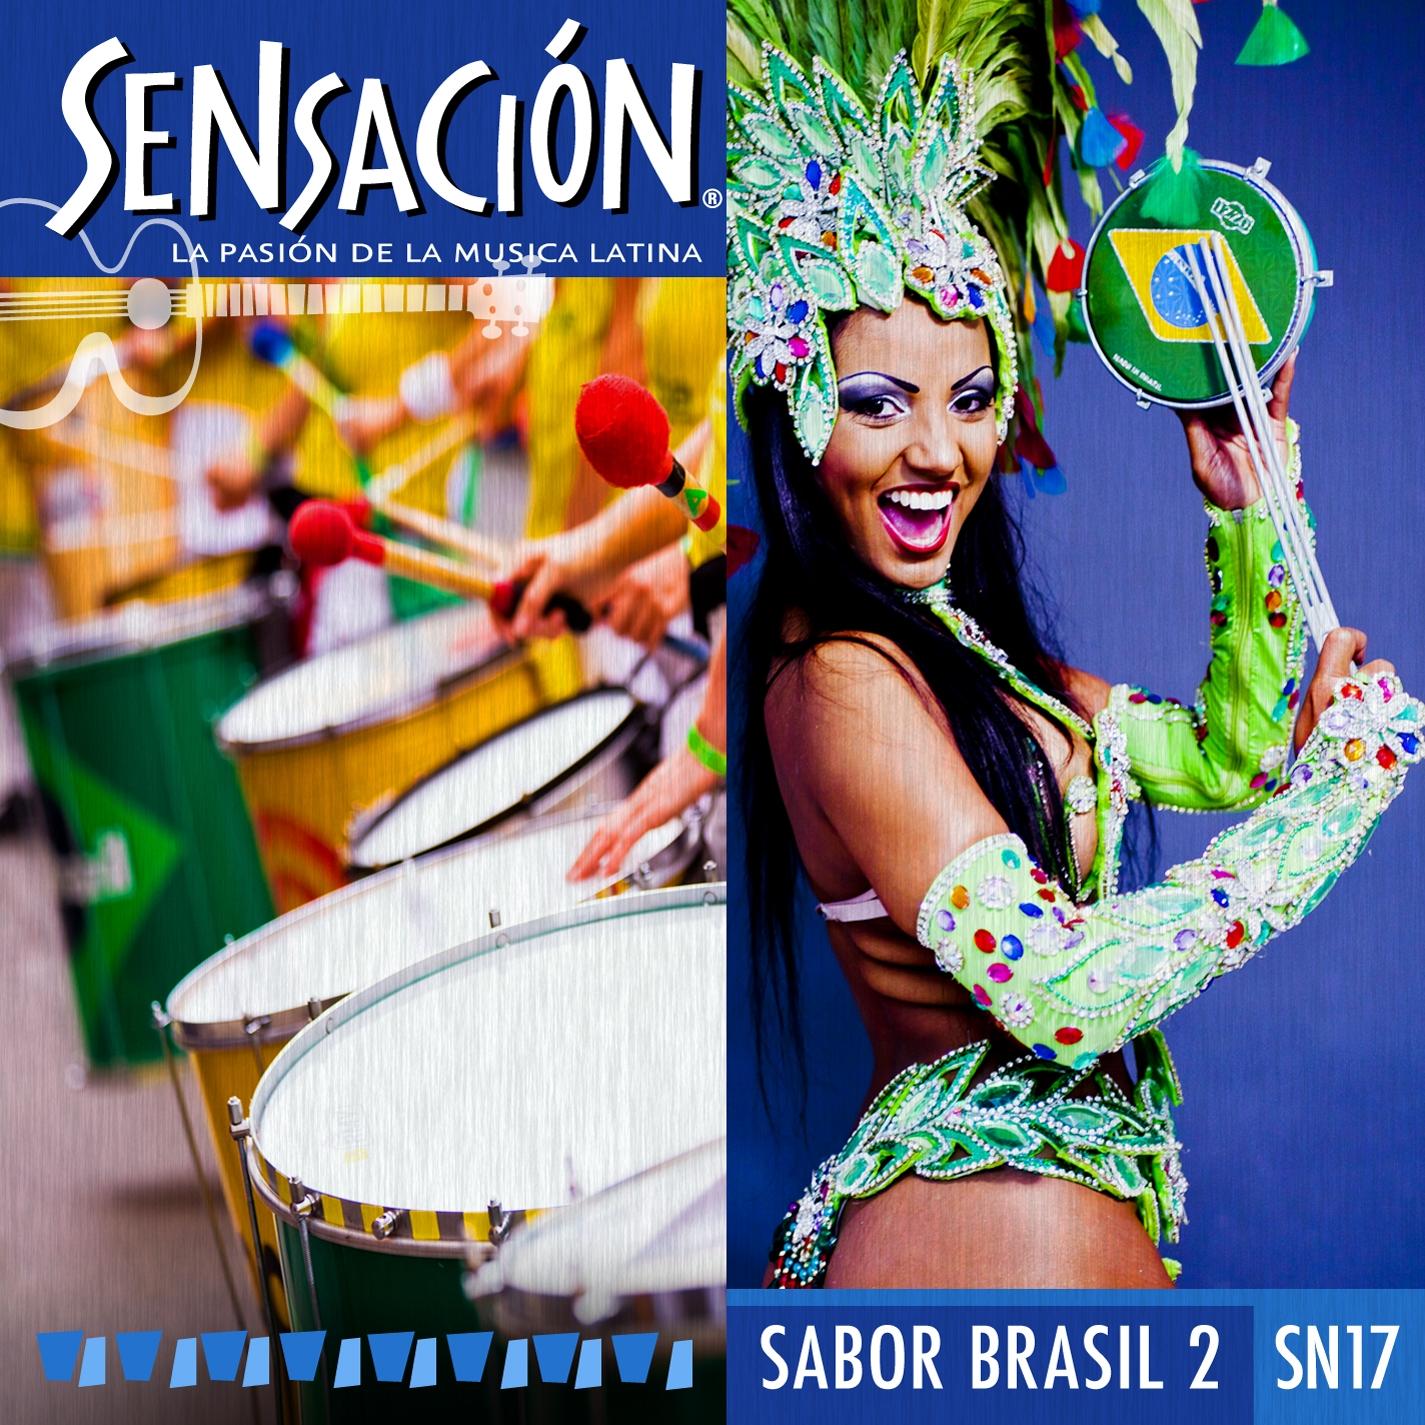 Sabor Brasil 2